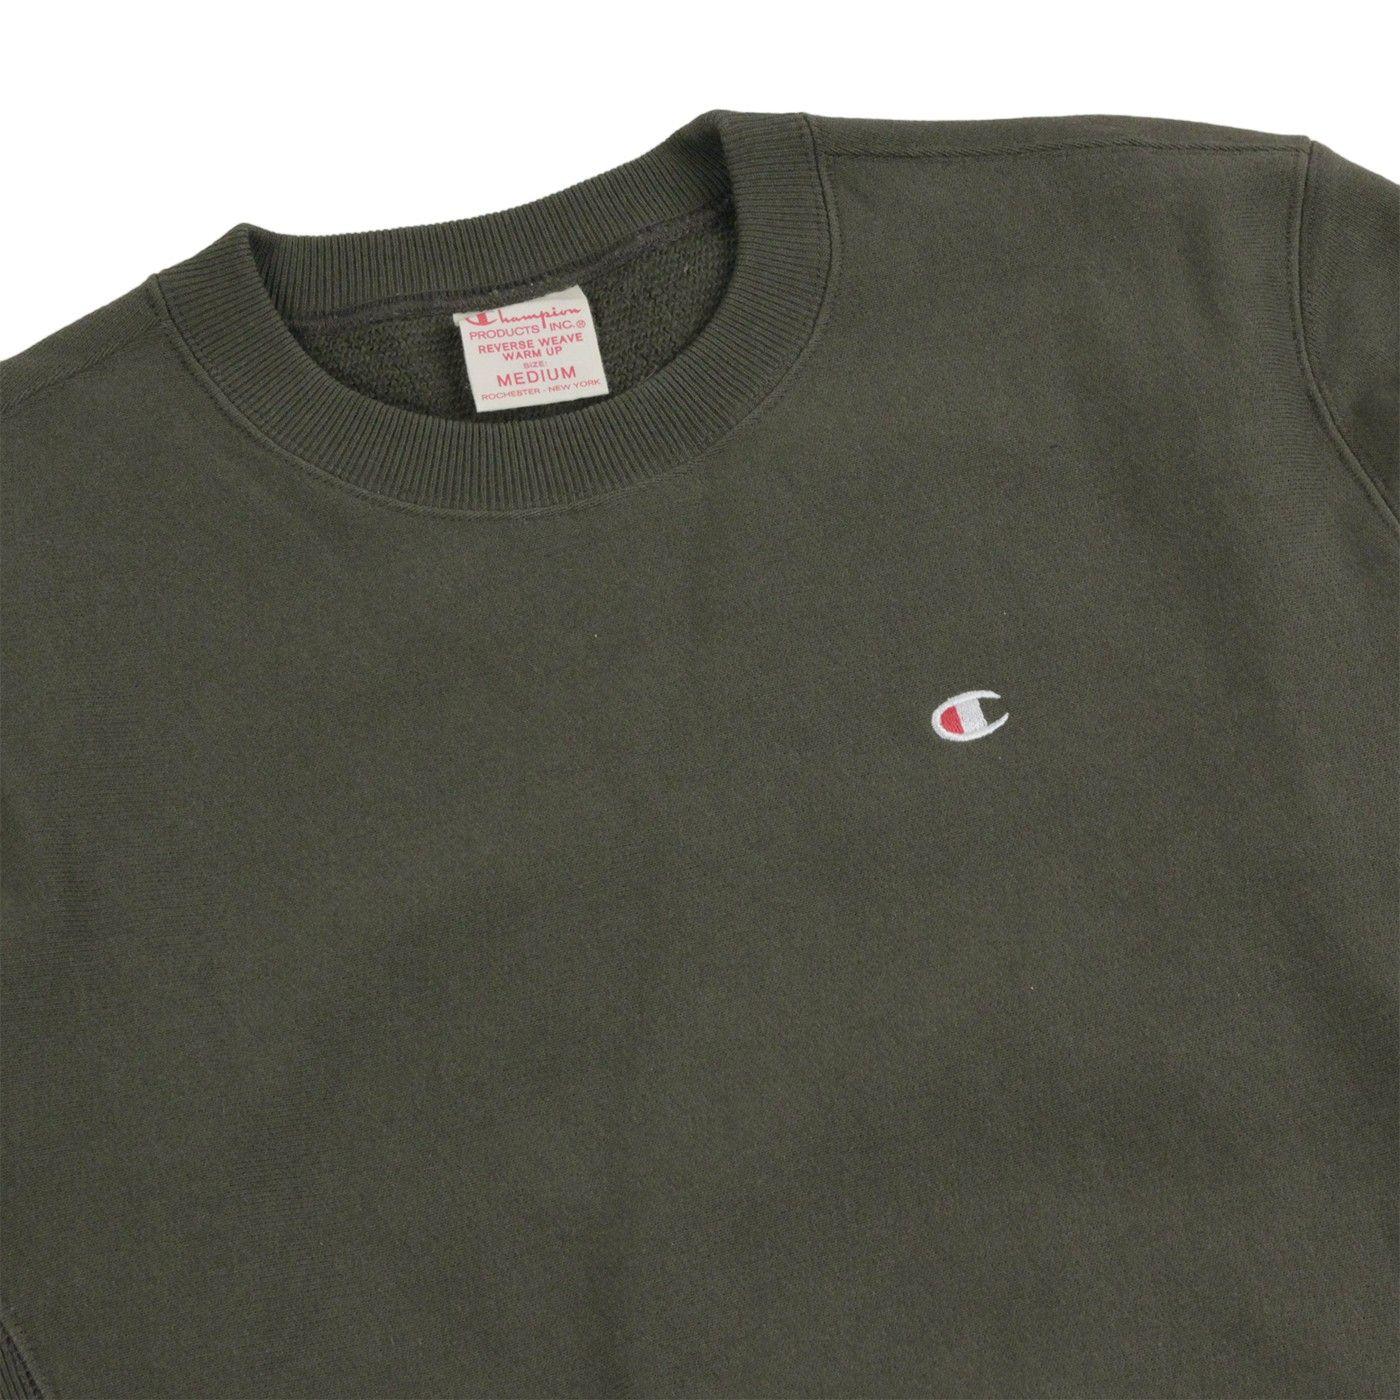 Champion Reverse Weave Crew Neck Sweatshirt Olive Crew Neck Sweatshirt Champion Reverse Weave Champion Sweatshirt [ 1400 x 1400 Pixel ]